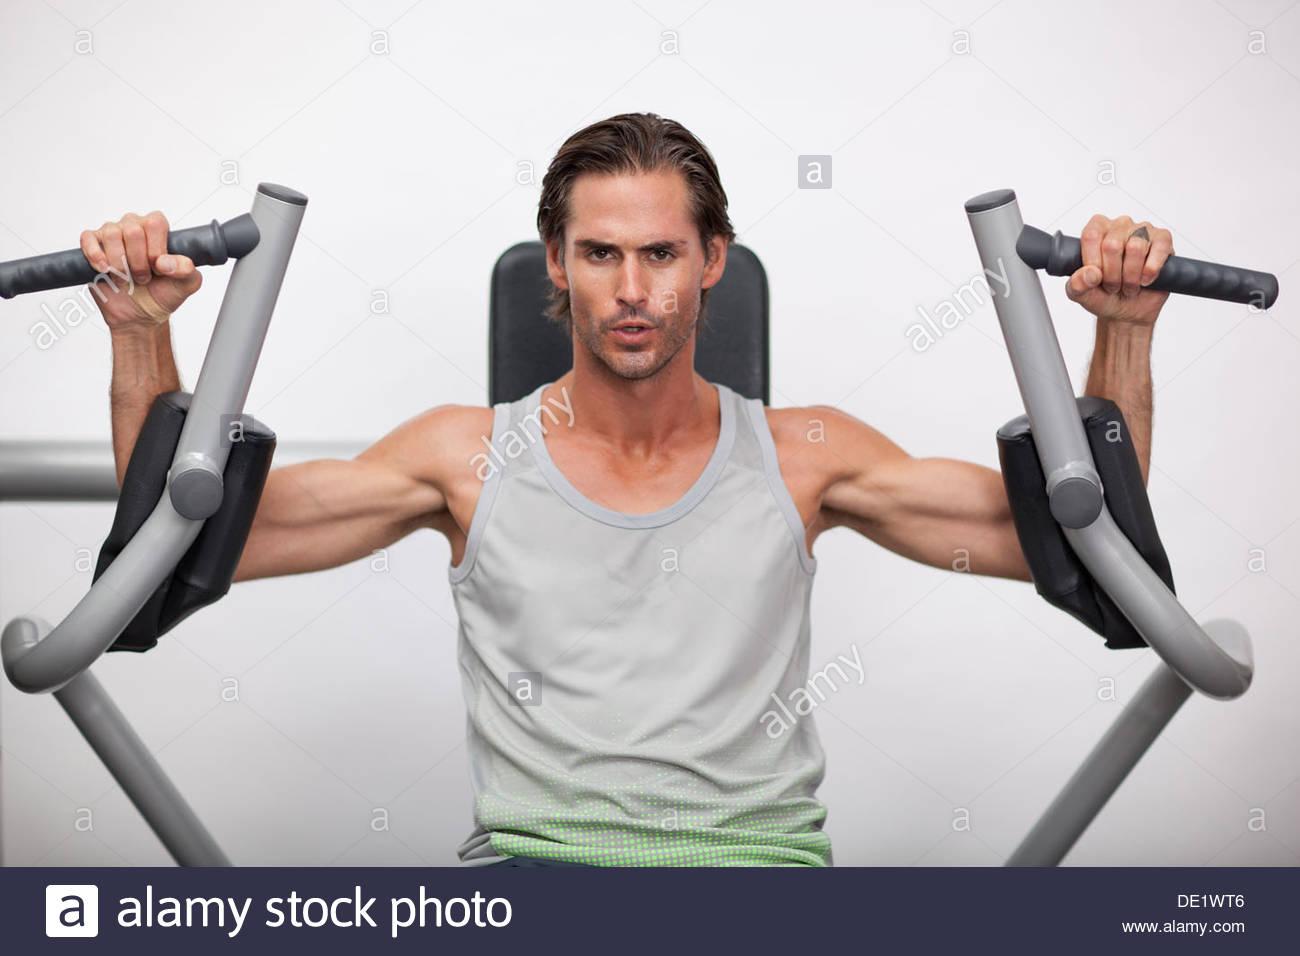 Retrato del hombre utilizando equipo de ejercicio en el gimnasio Imagen De Stock